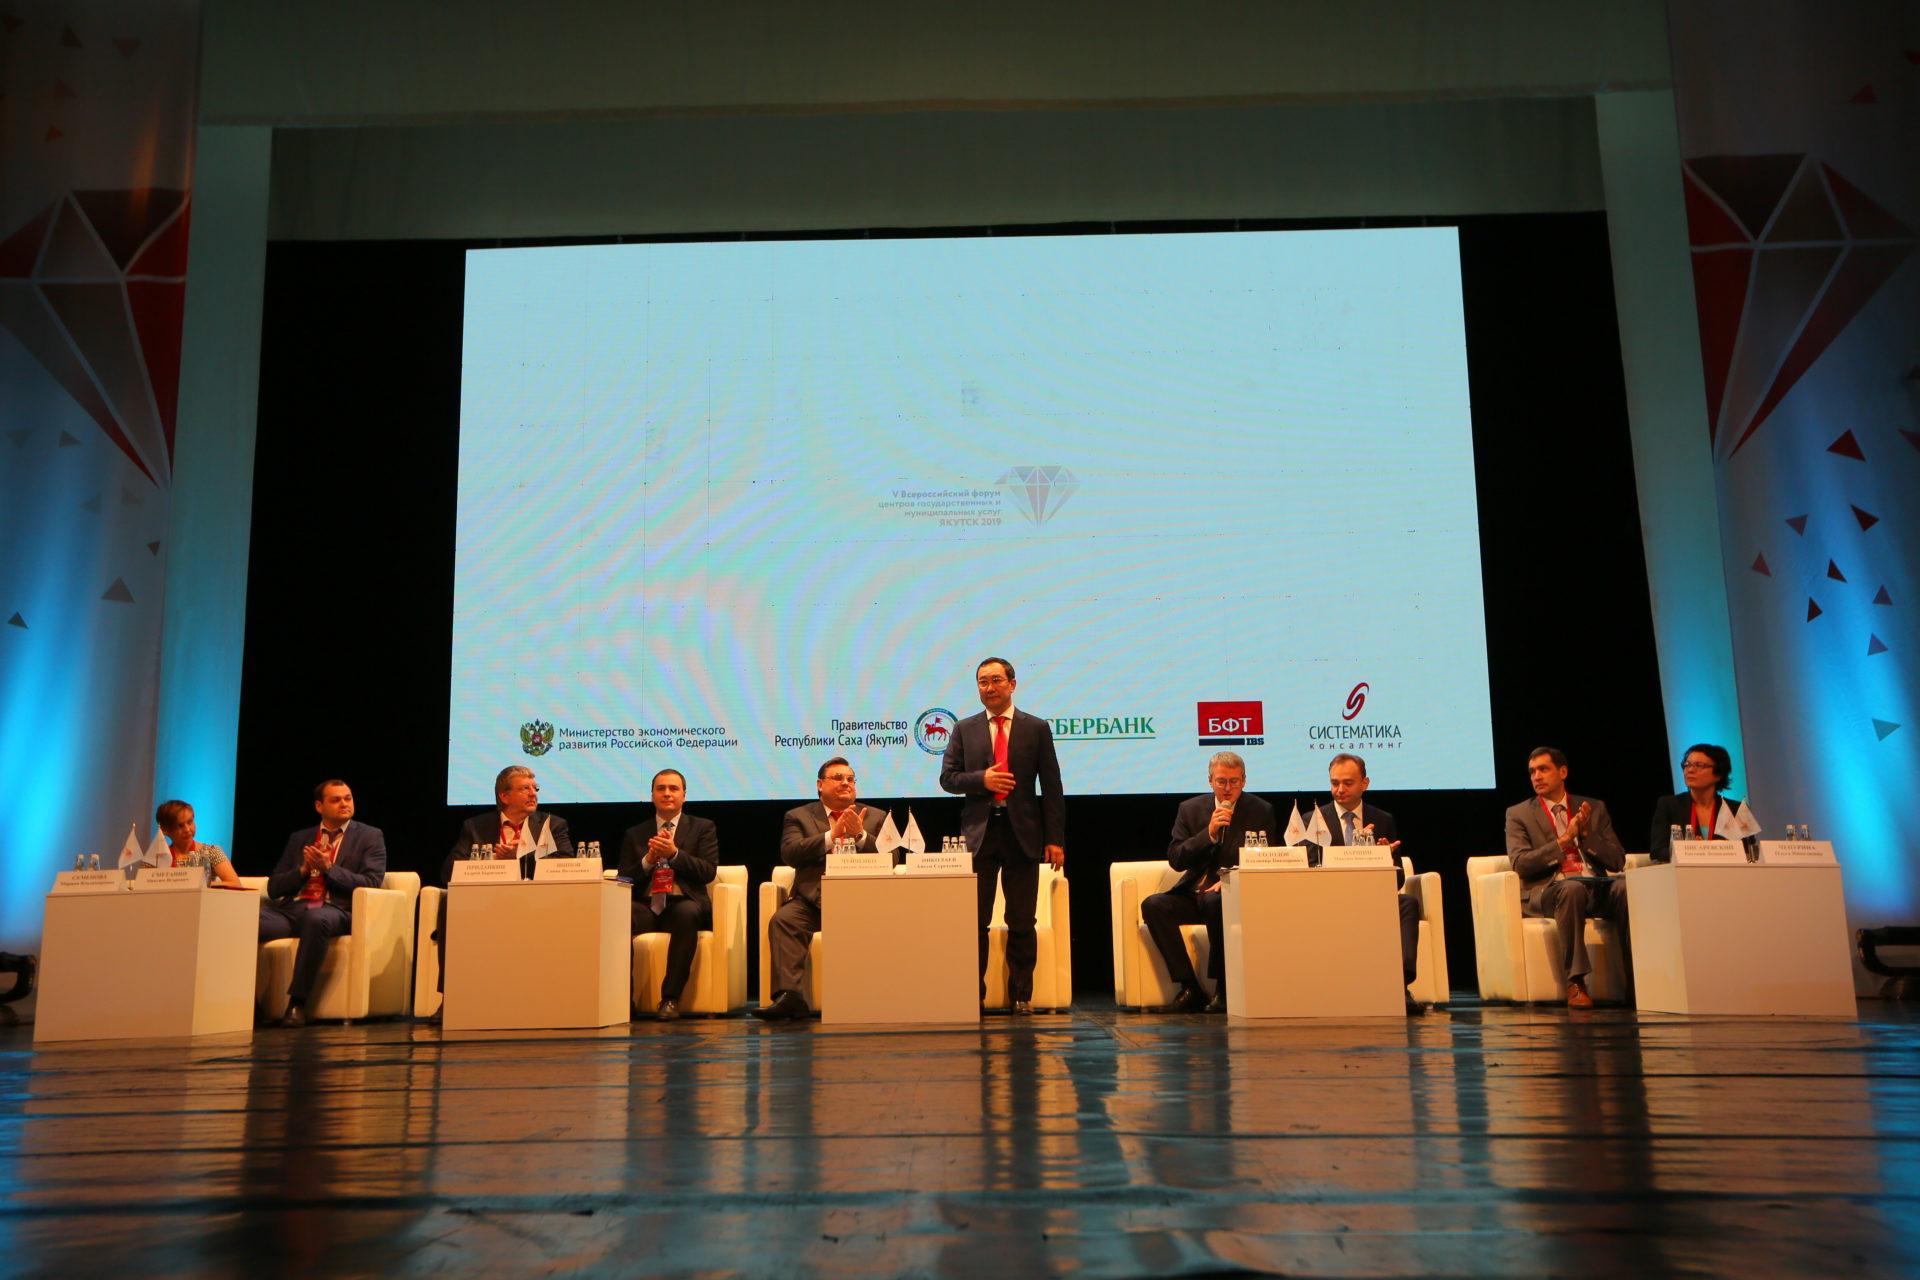 Назрела необходимость наделения МФЦ дополнительными полномочиями для защиты интересов заявителей